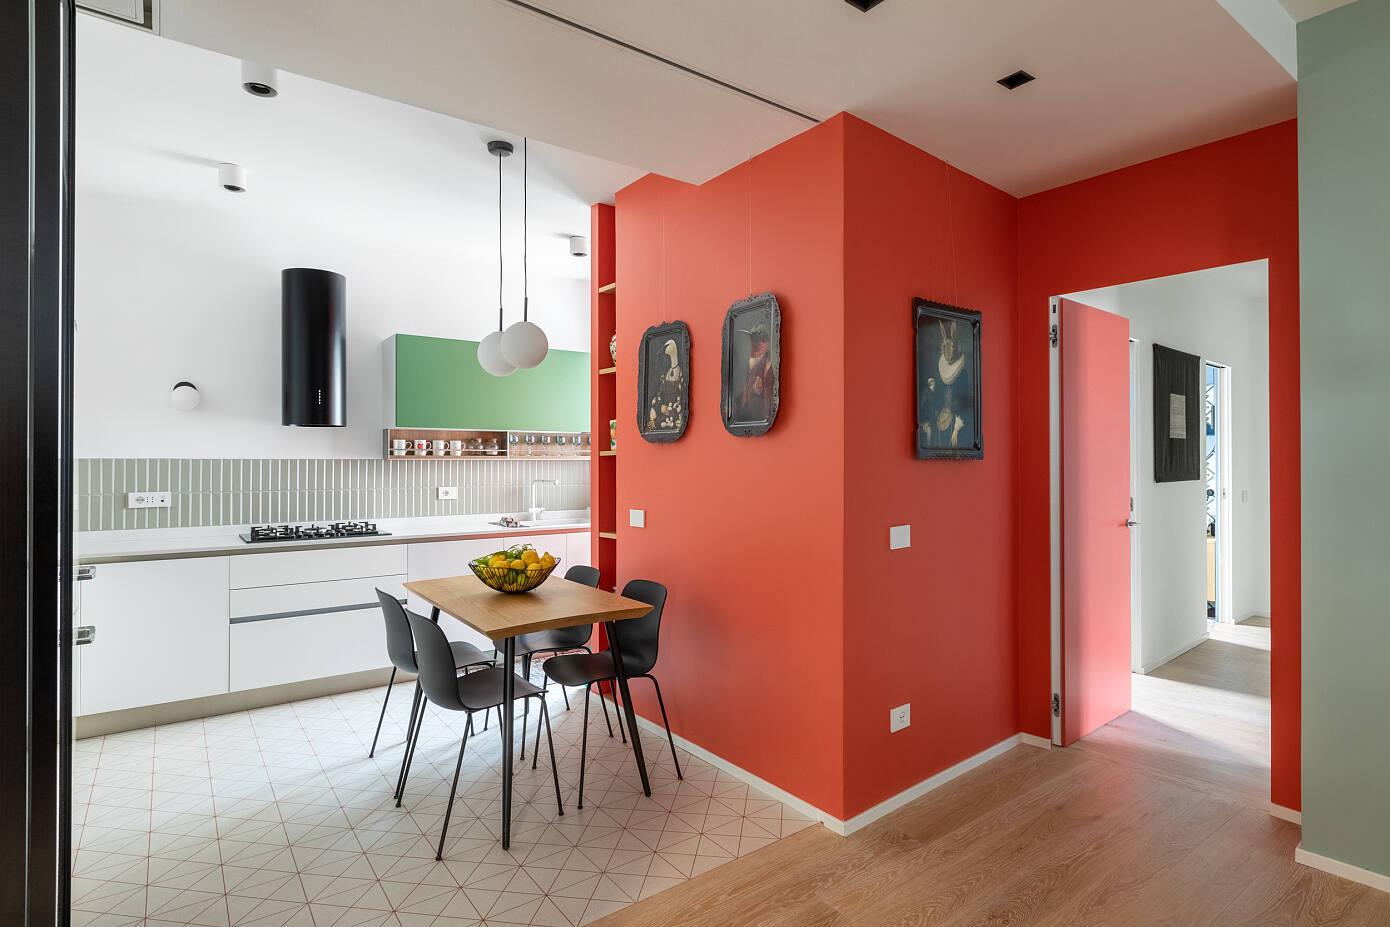 Casa Digianni&Eleonora by Maurizio Giovannoni